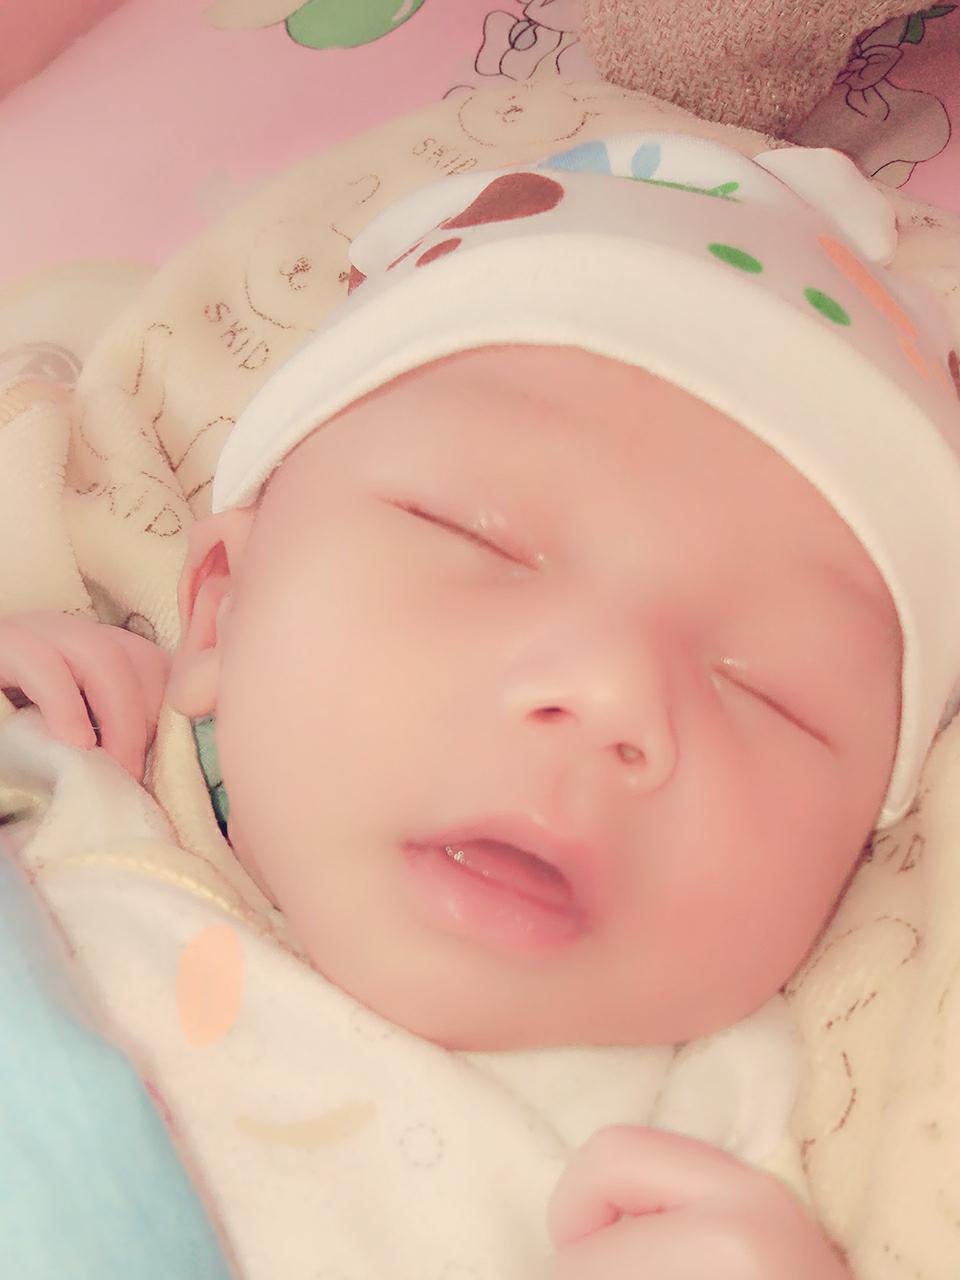 【育儿心得】新手妈妈宝宝满月后感言-育儿心得-好孕妈妈论坛-好孕帮